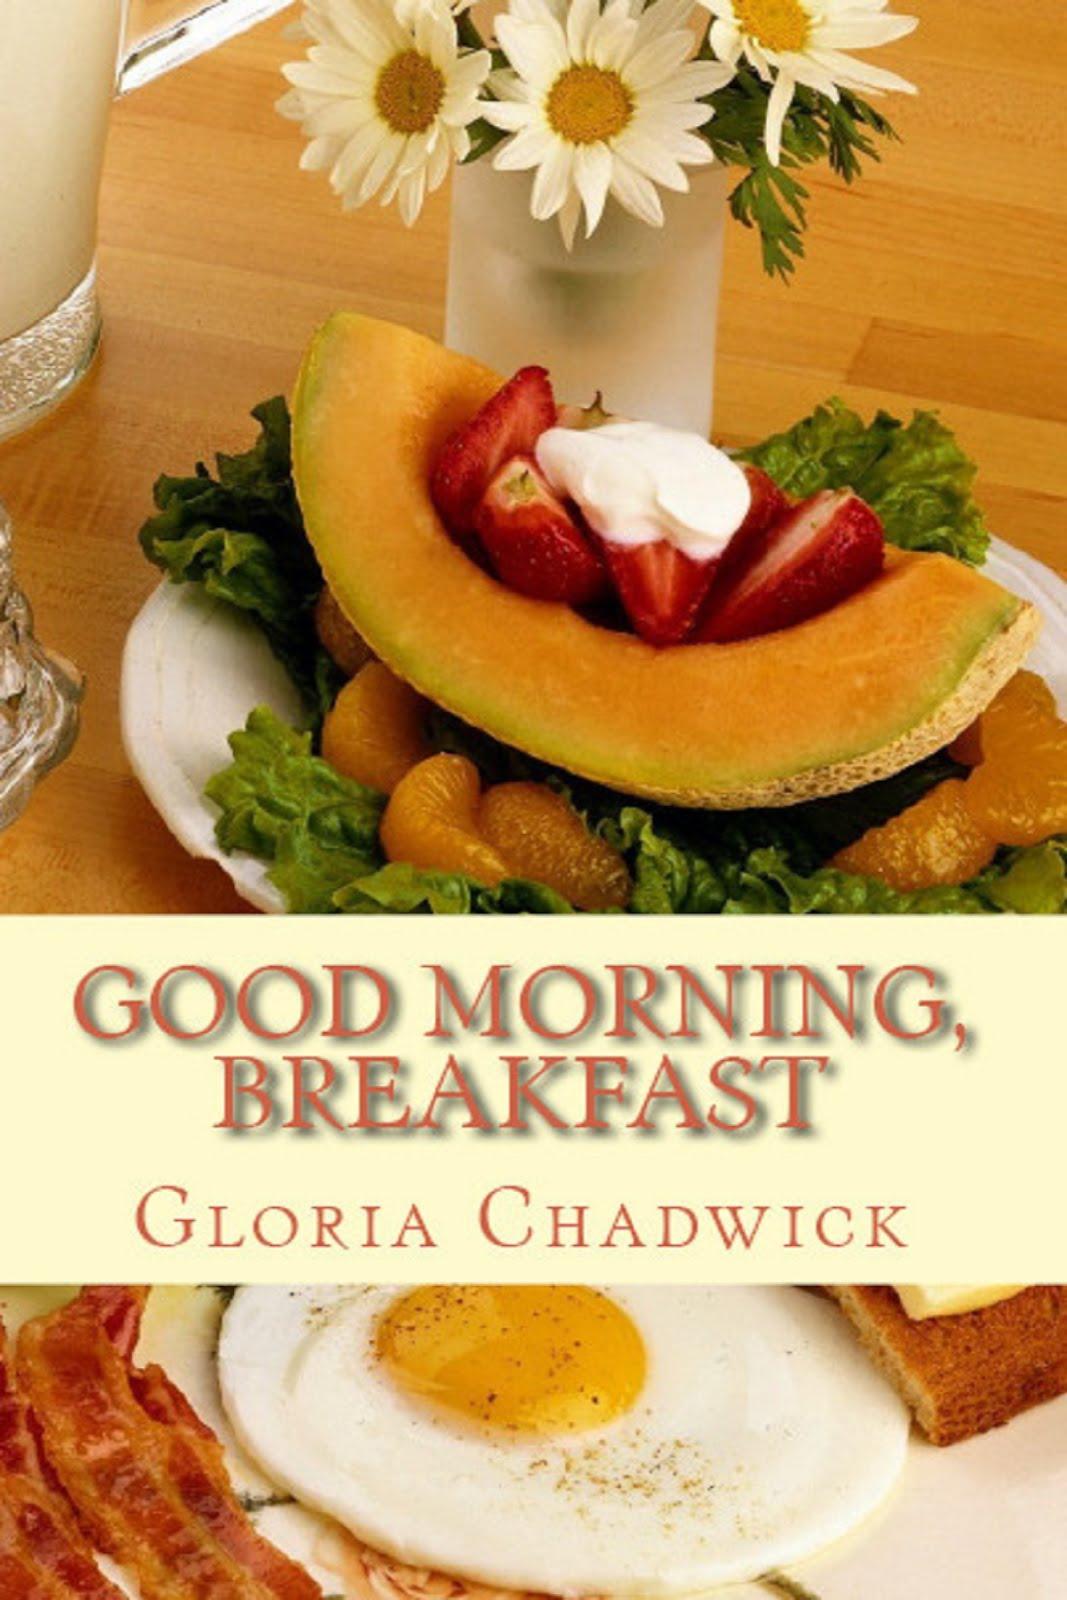 Good Morning, Breakfast